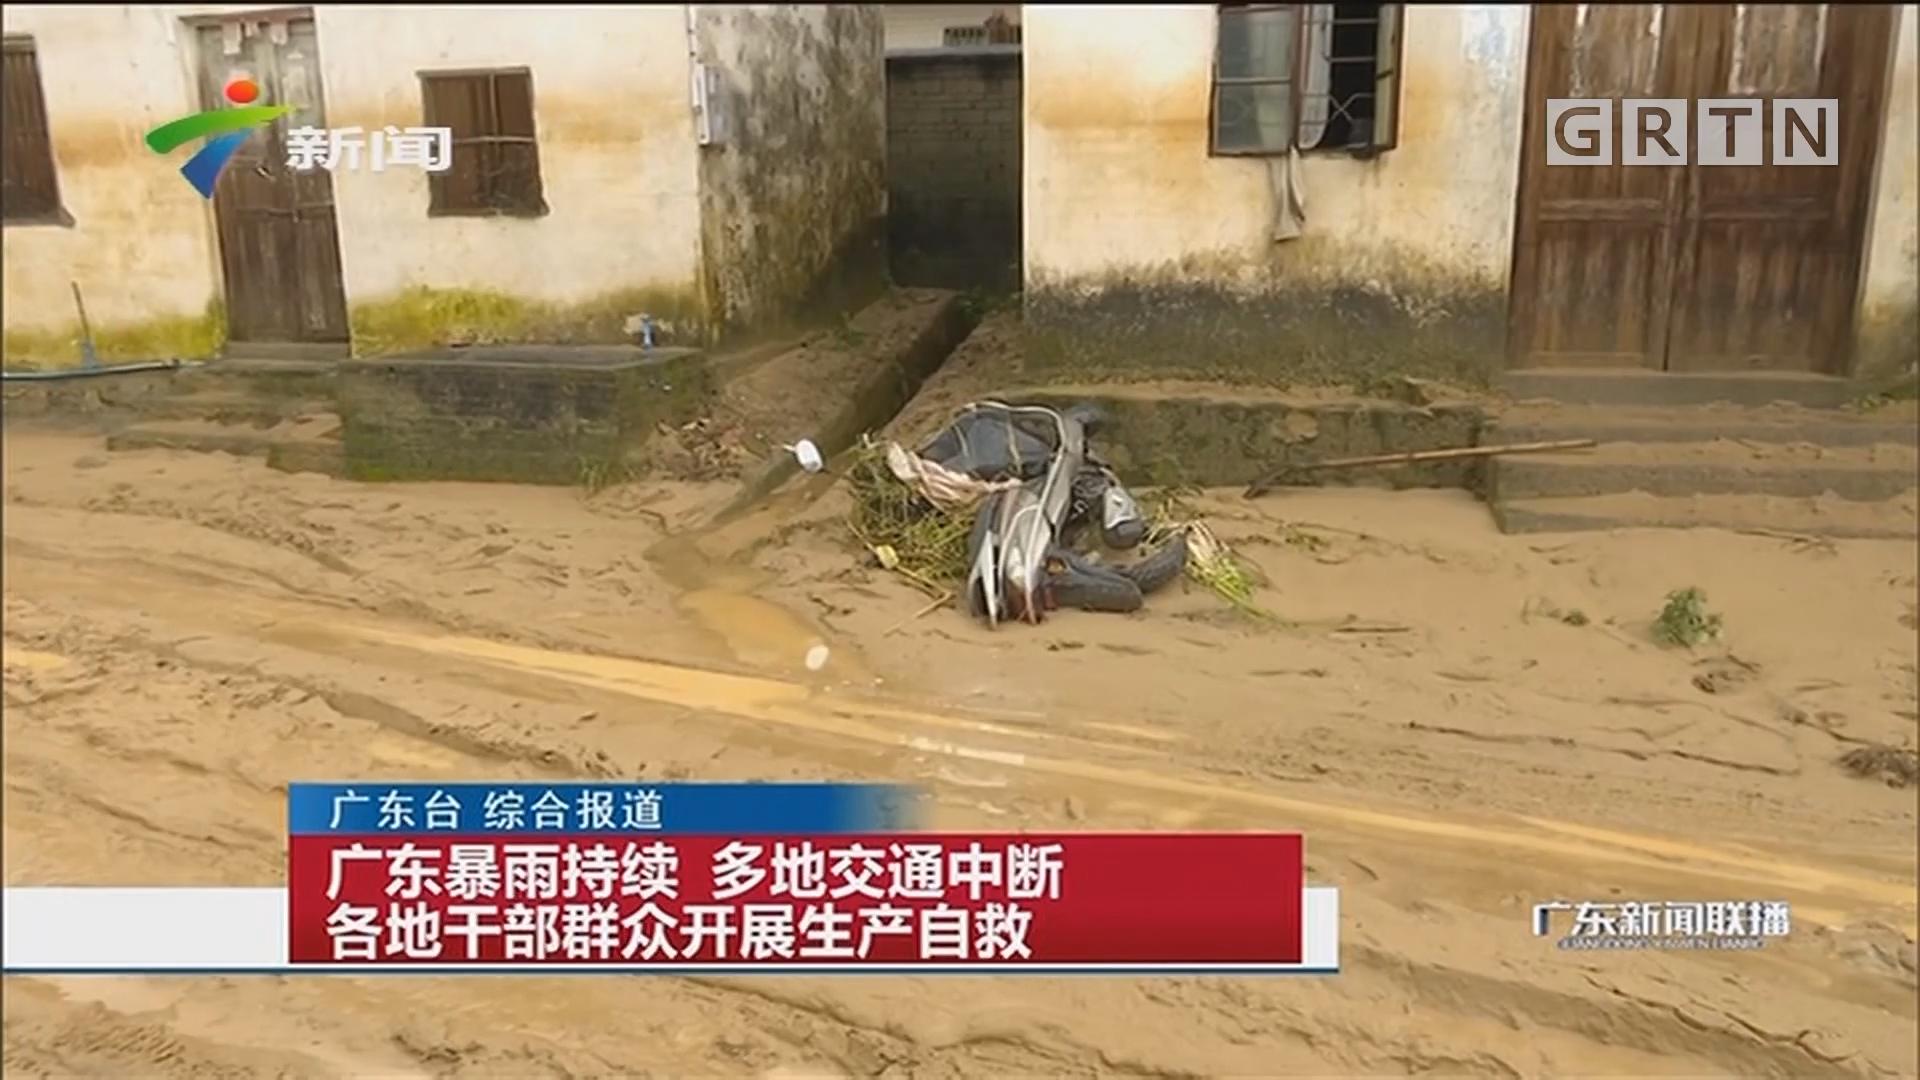 广东暴雨持续 多地交通中断 各地干部群众开展生产自救